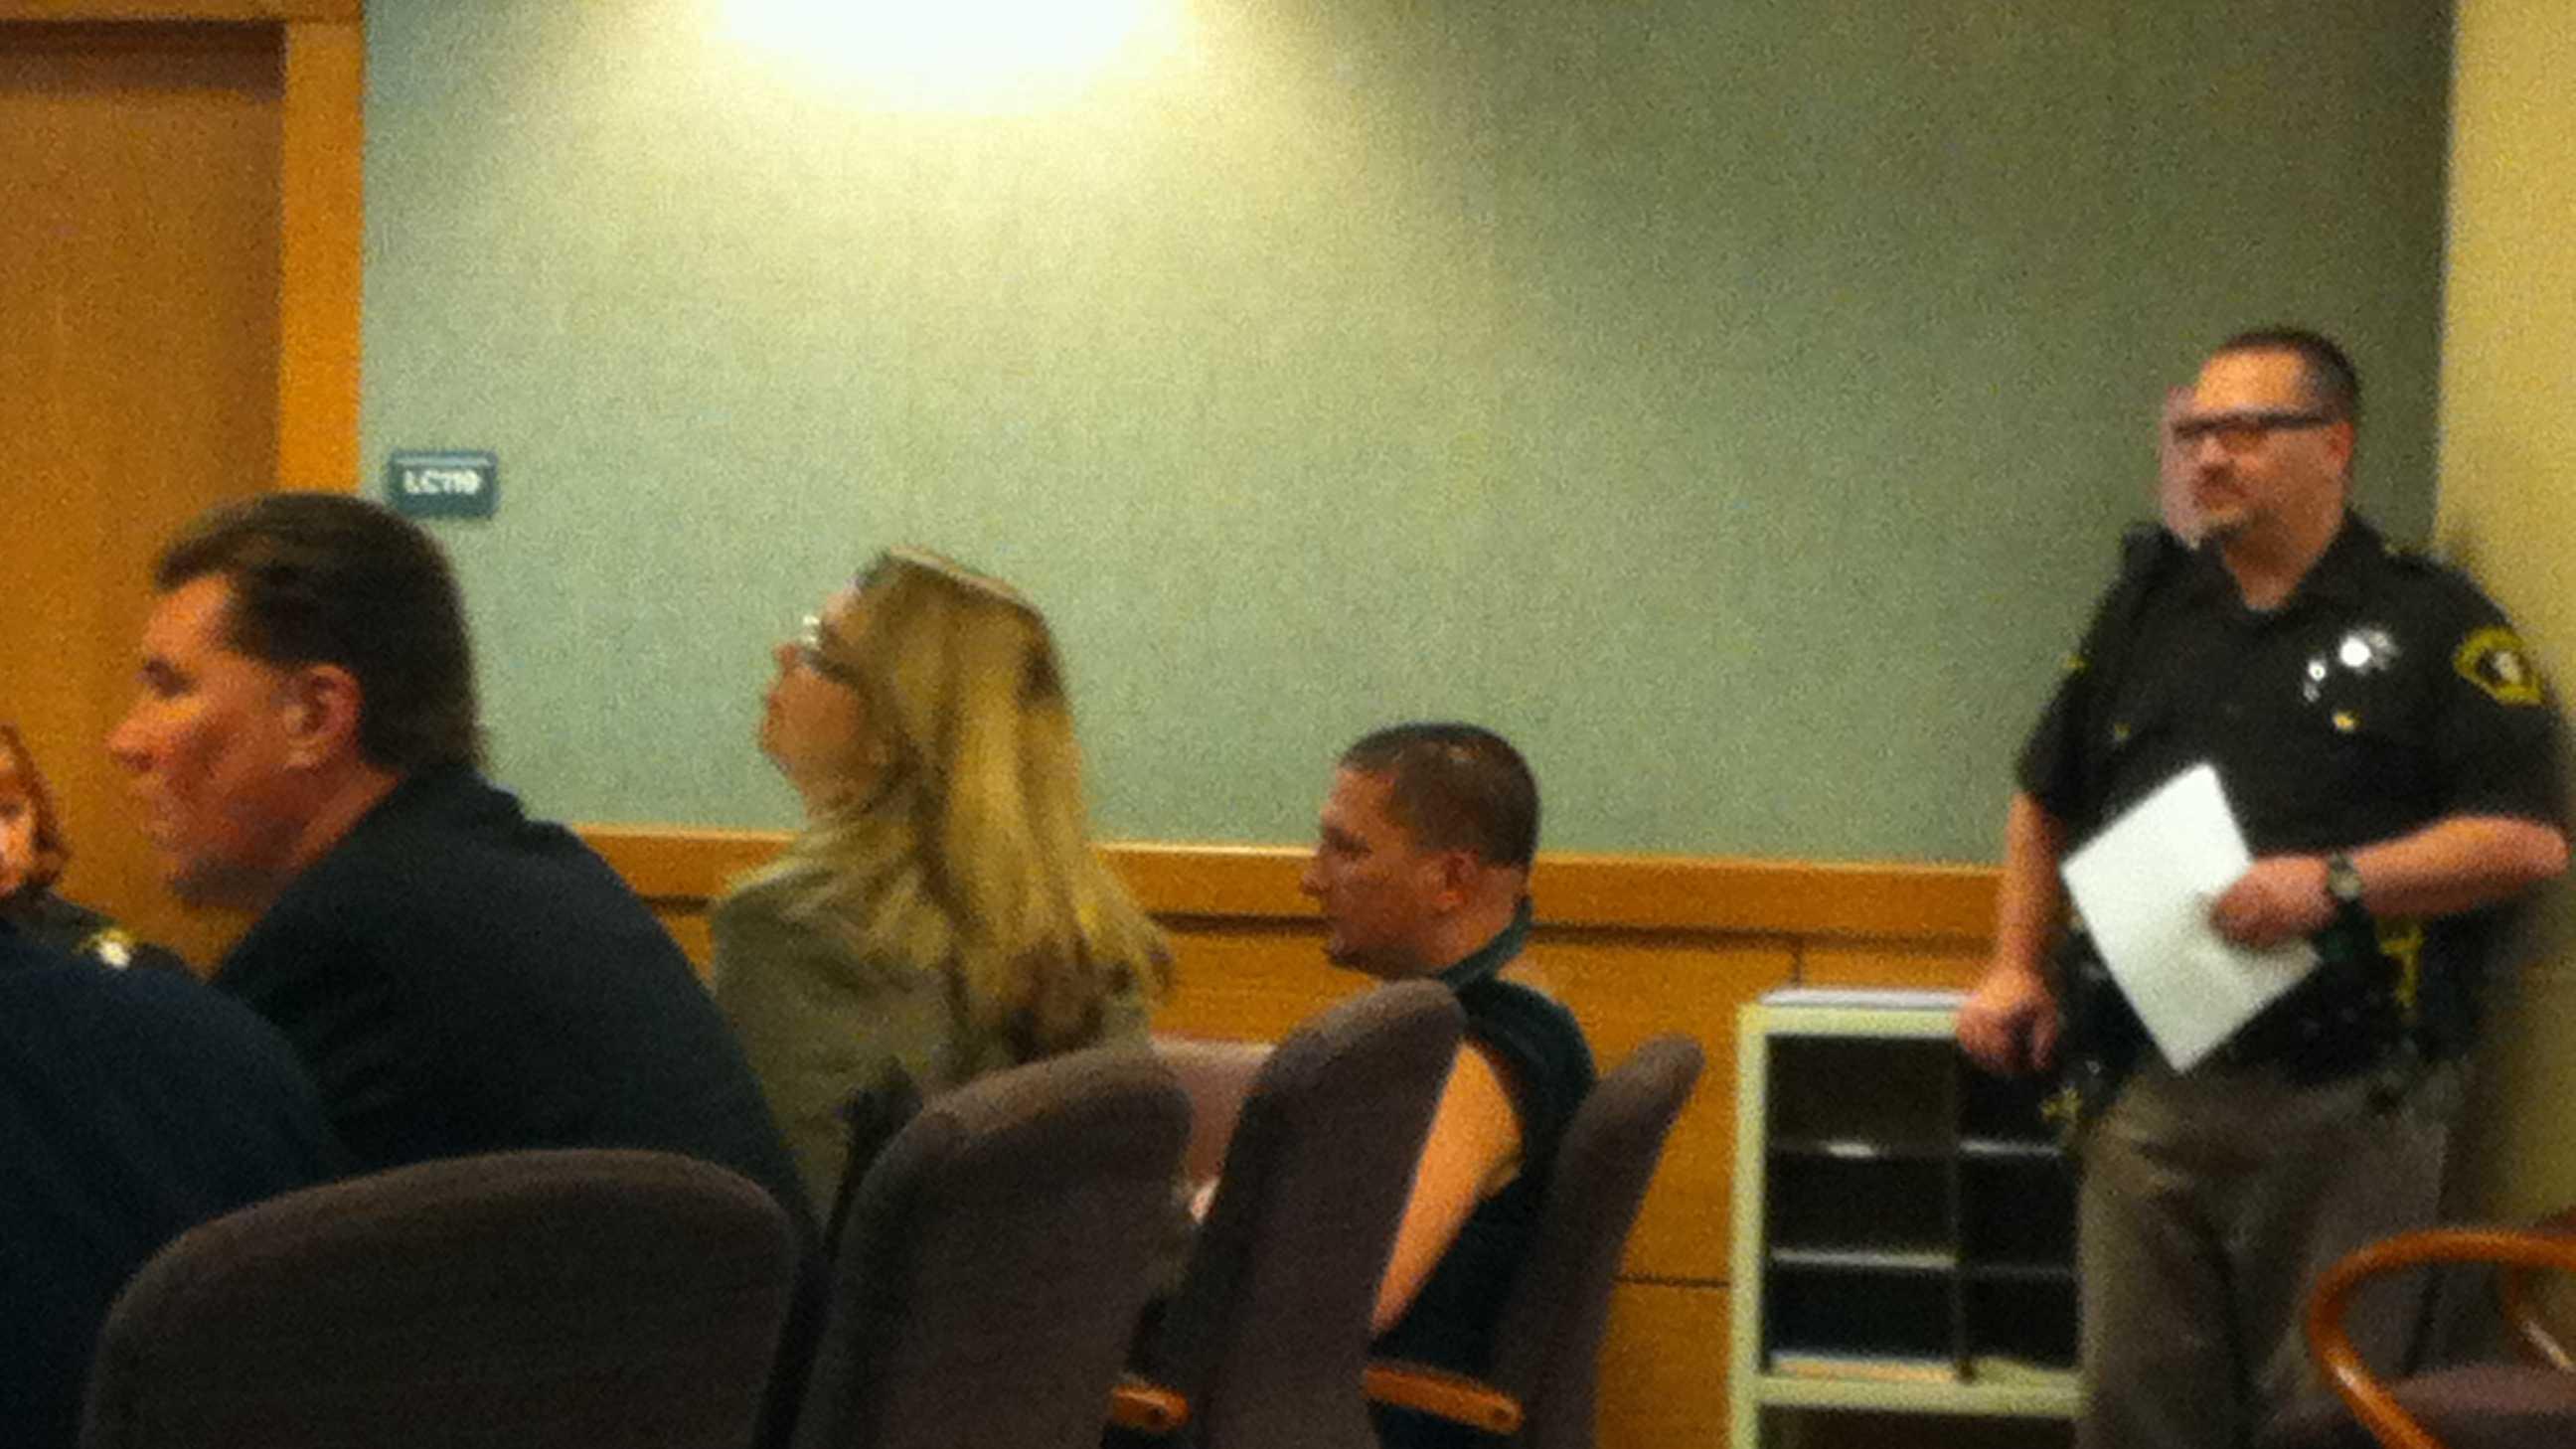 Richter in court